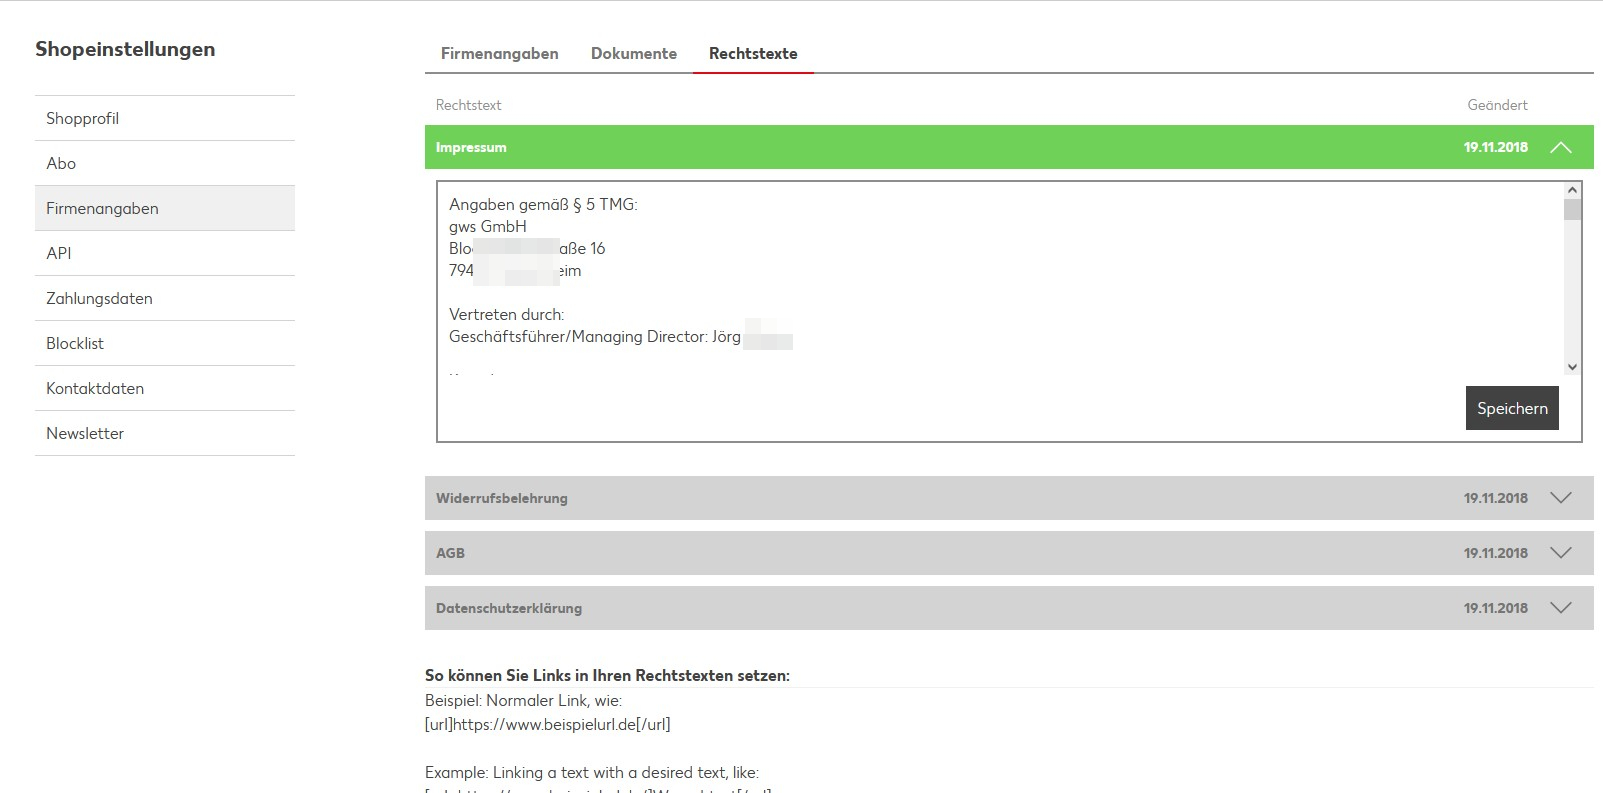 Kaufland.de: Ausfall und Datenleck - Screenshot